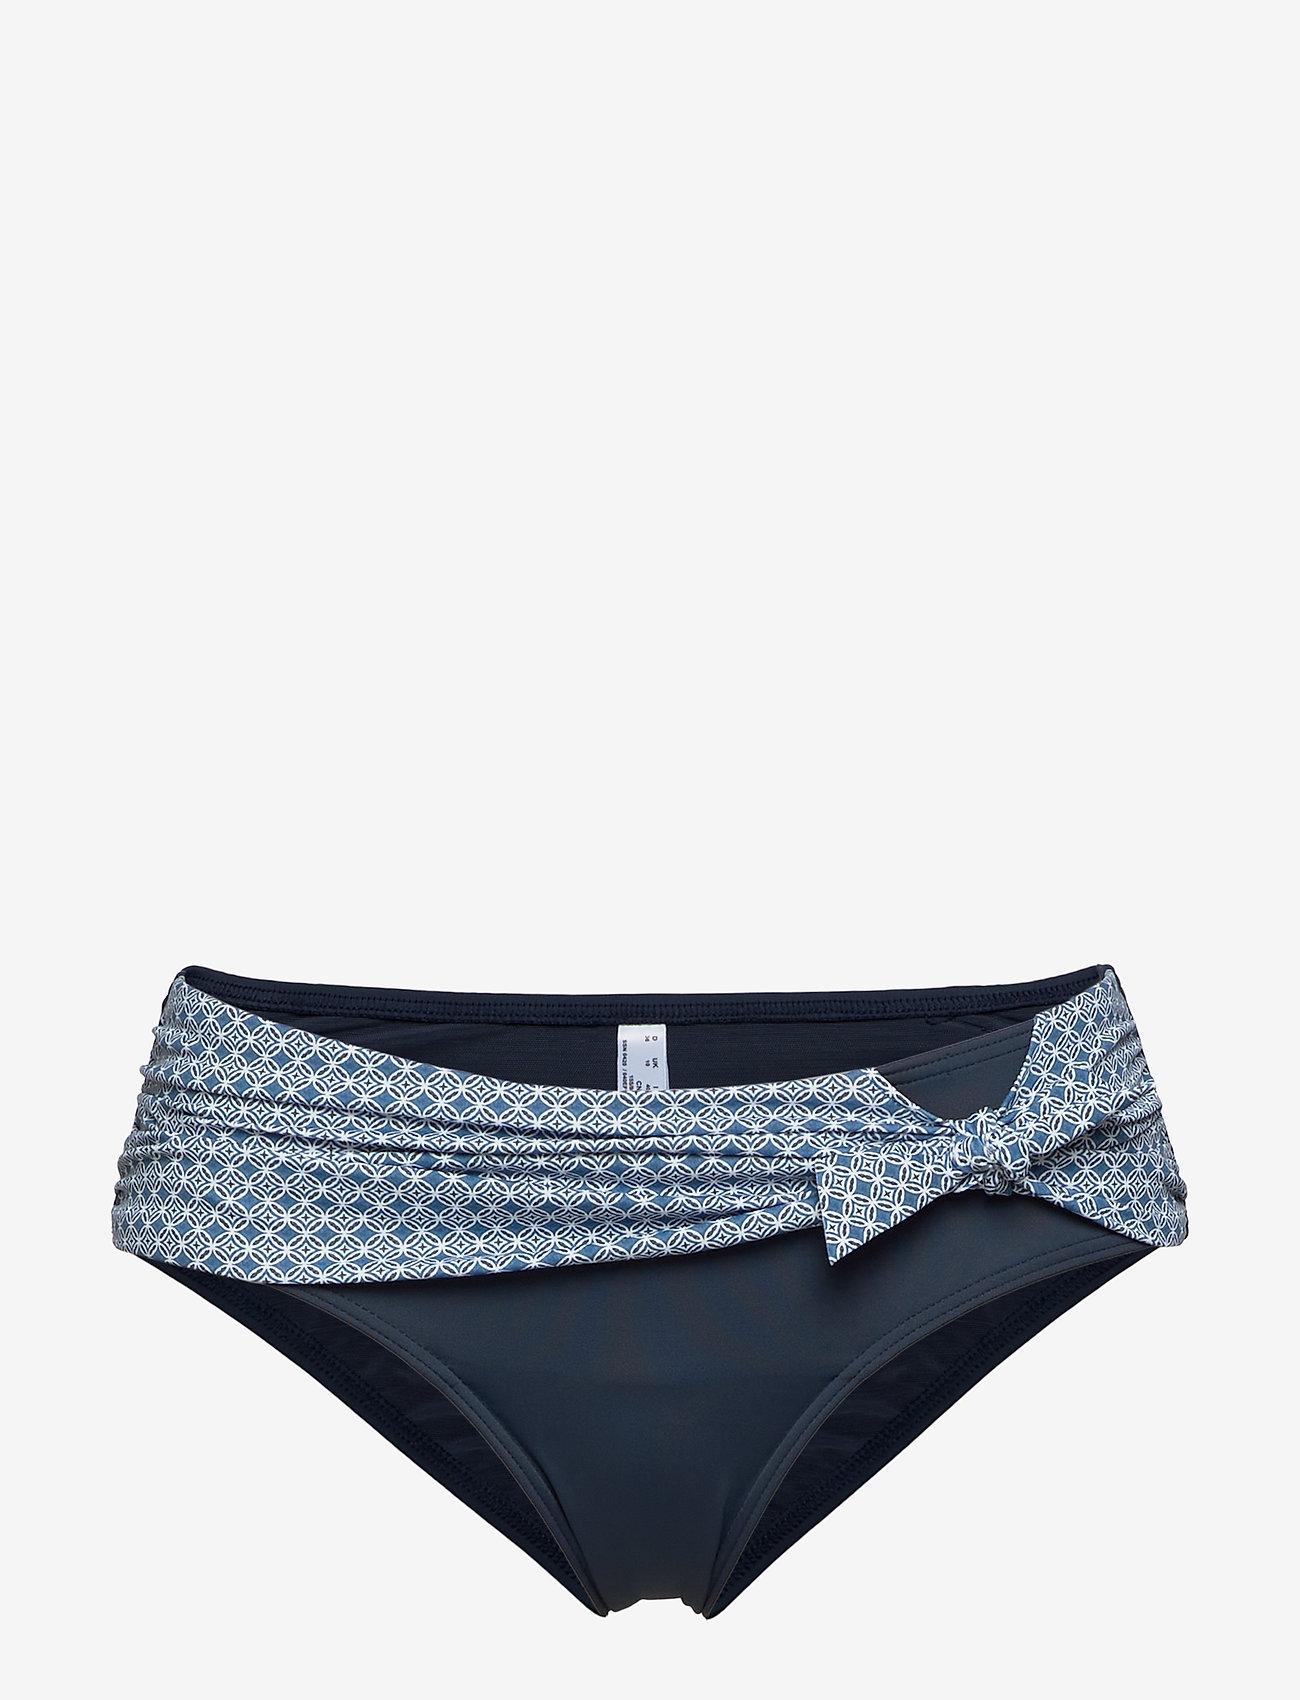 Esprit Bodywear Women - Beach Bottoms - bikiniunderdeler - navy 2 - 0